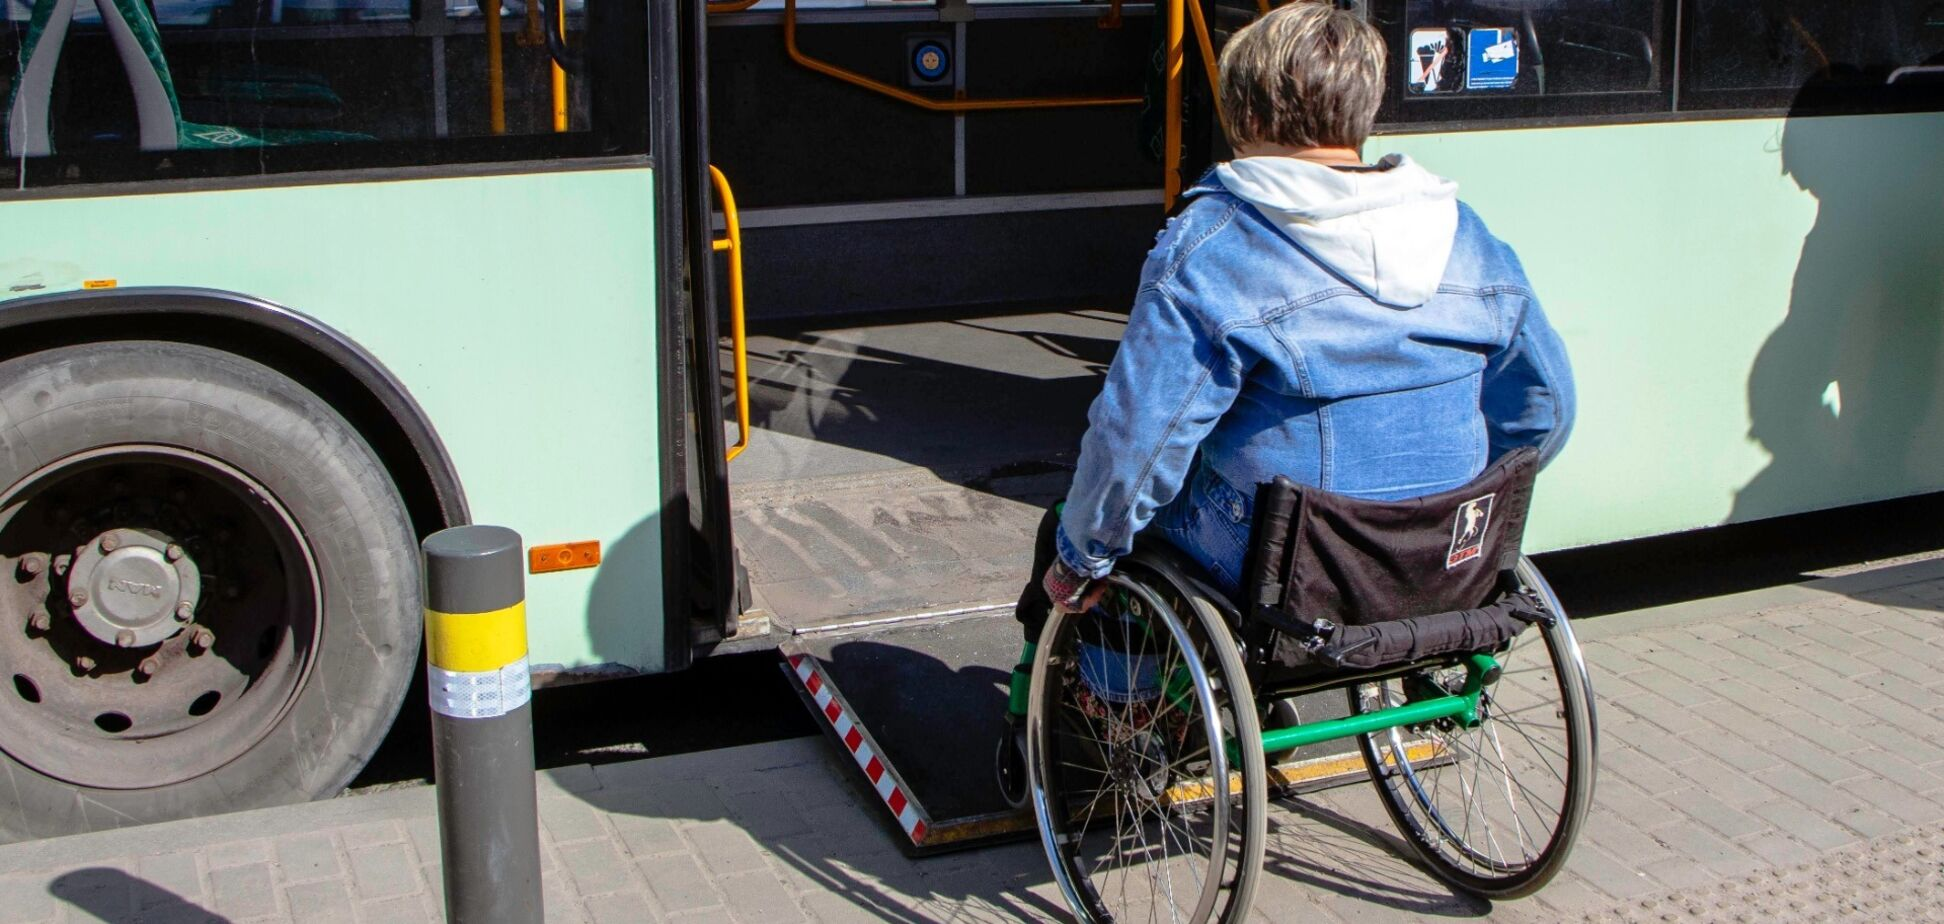 Выгоняют с криками: как в общественном транспорте Днепра нарушают права людей с инвалидностью